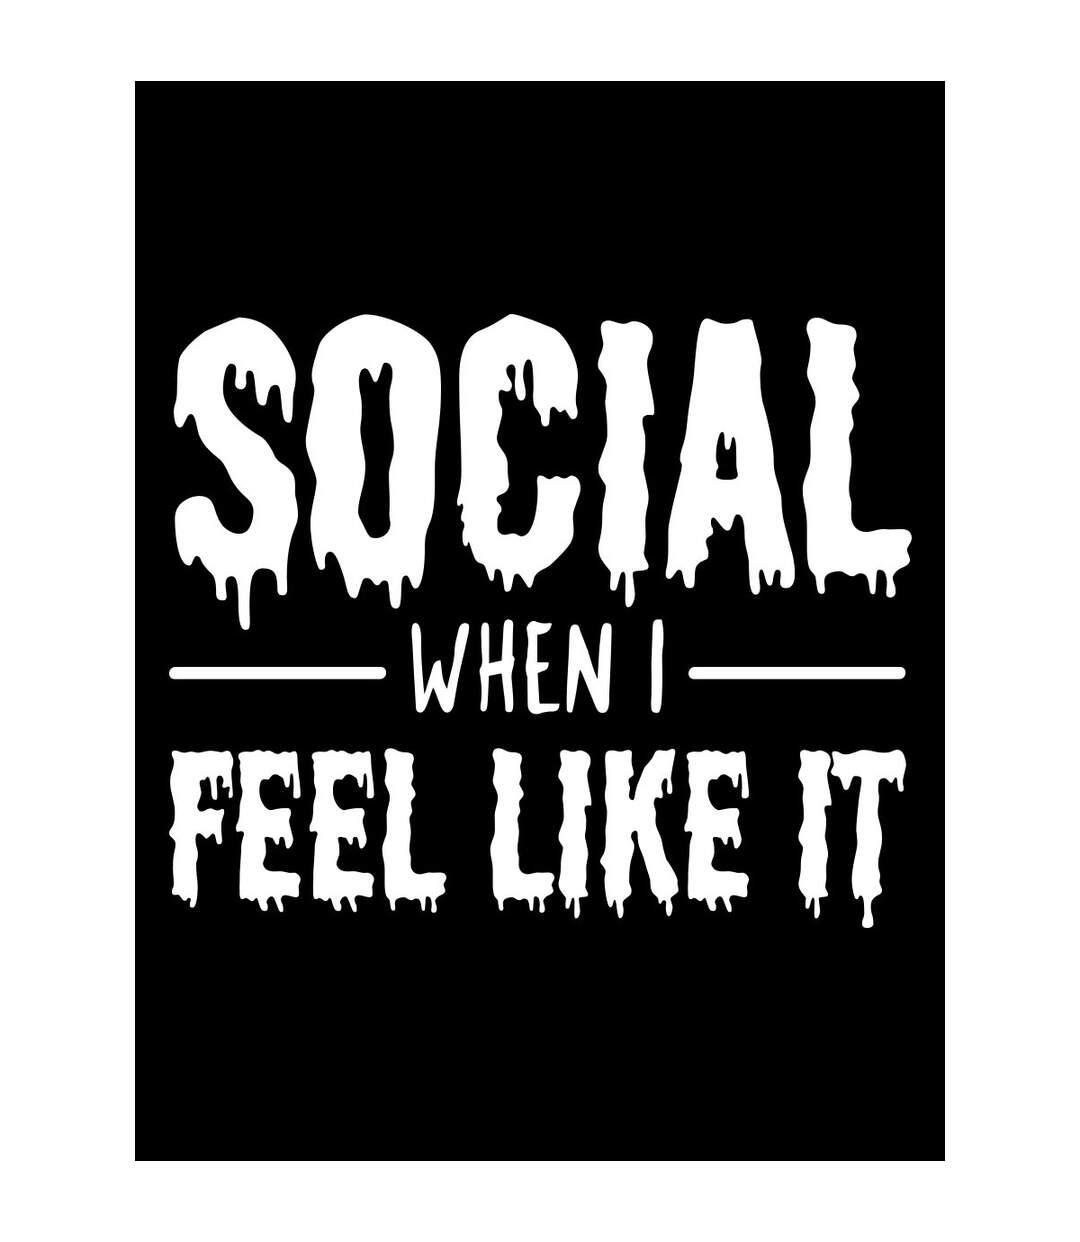 Grindstore Mens Social When I Feel Like It Hoodie (Black) - UTGR3943